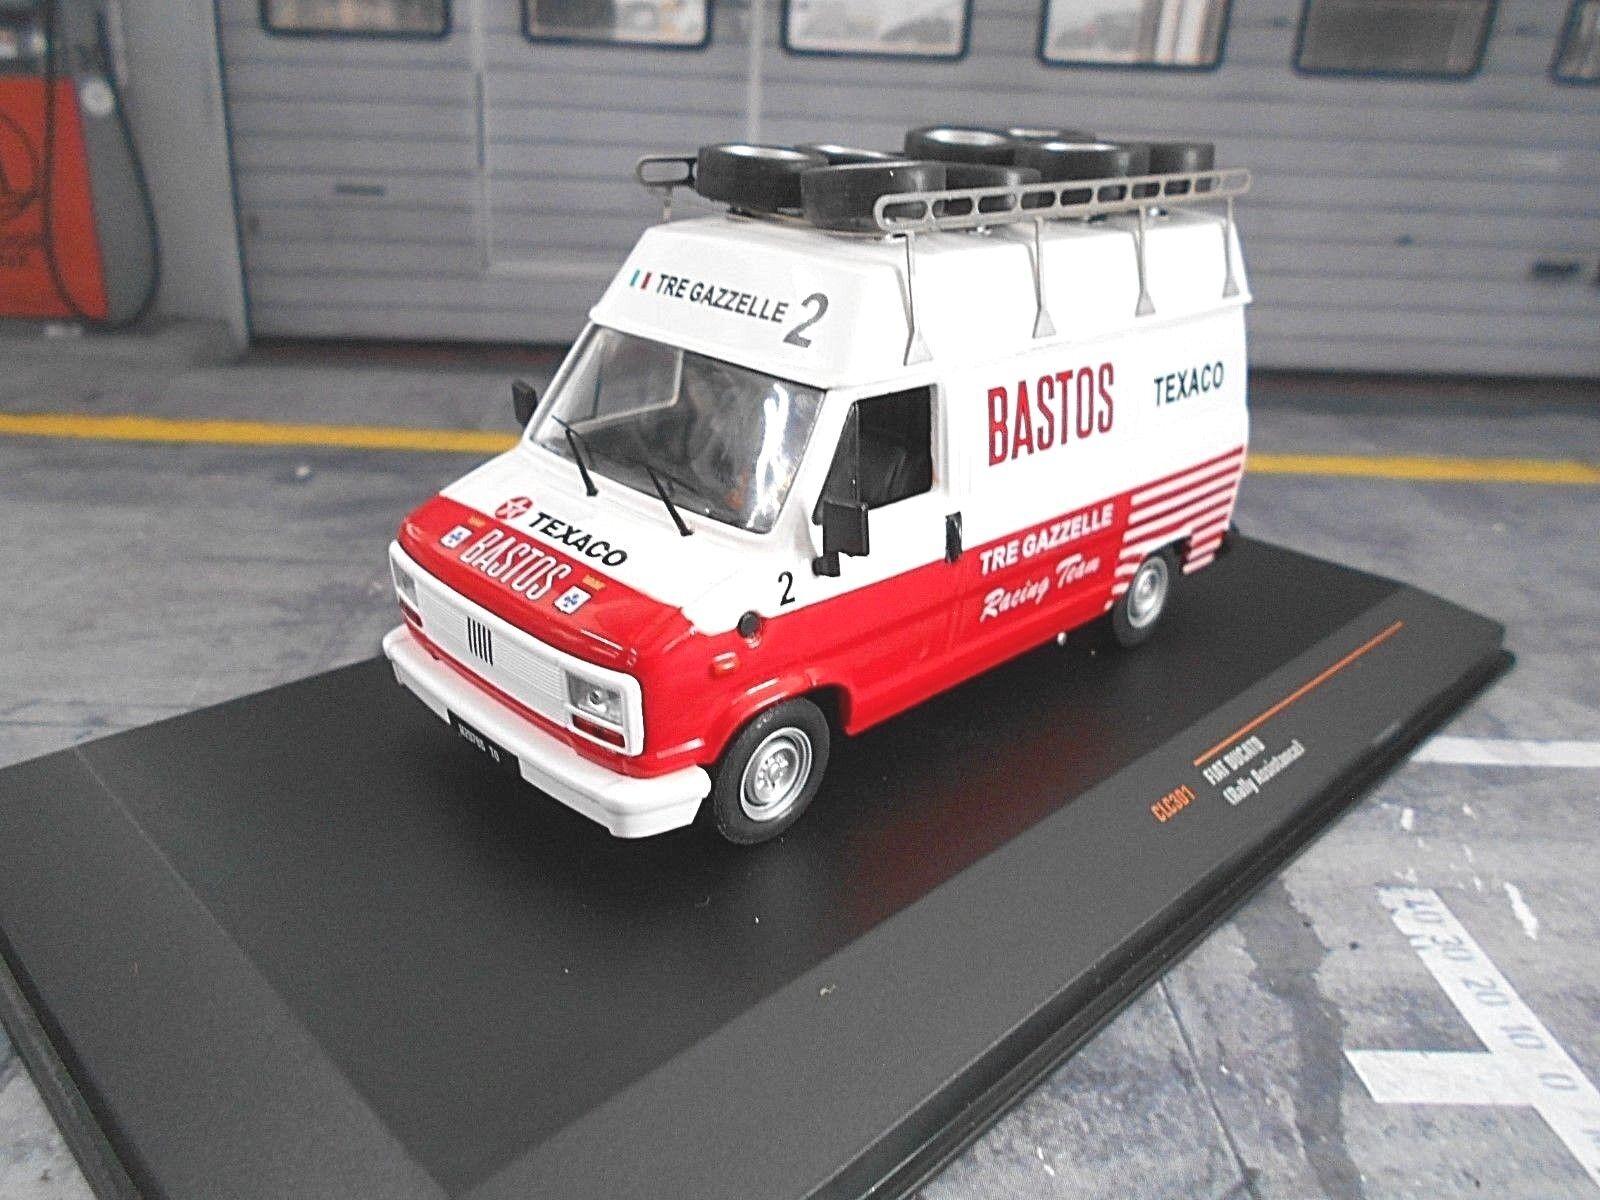 Fiat Ducato Van Bus Service Team Bastos FORD PORSCHE LANCIA RALLYE NEUF Ixo 1 43